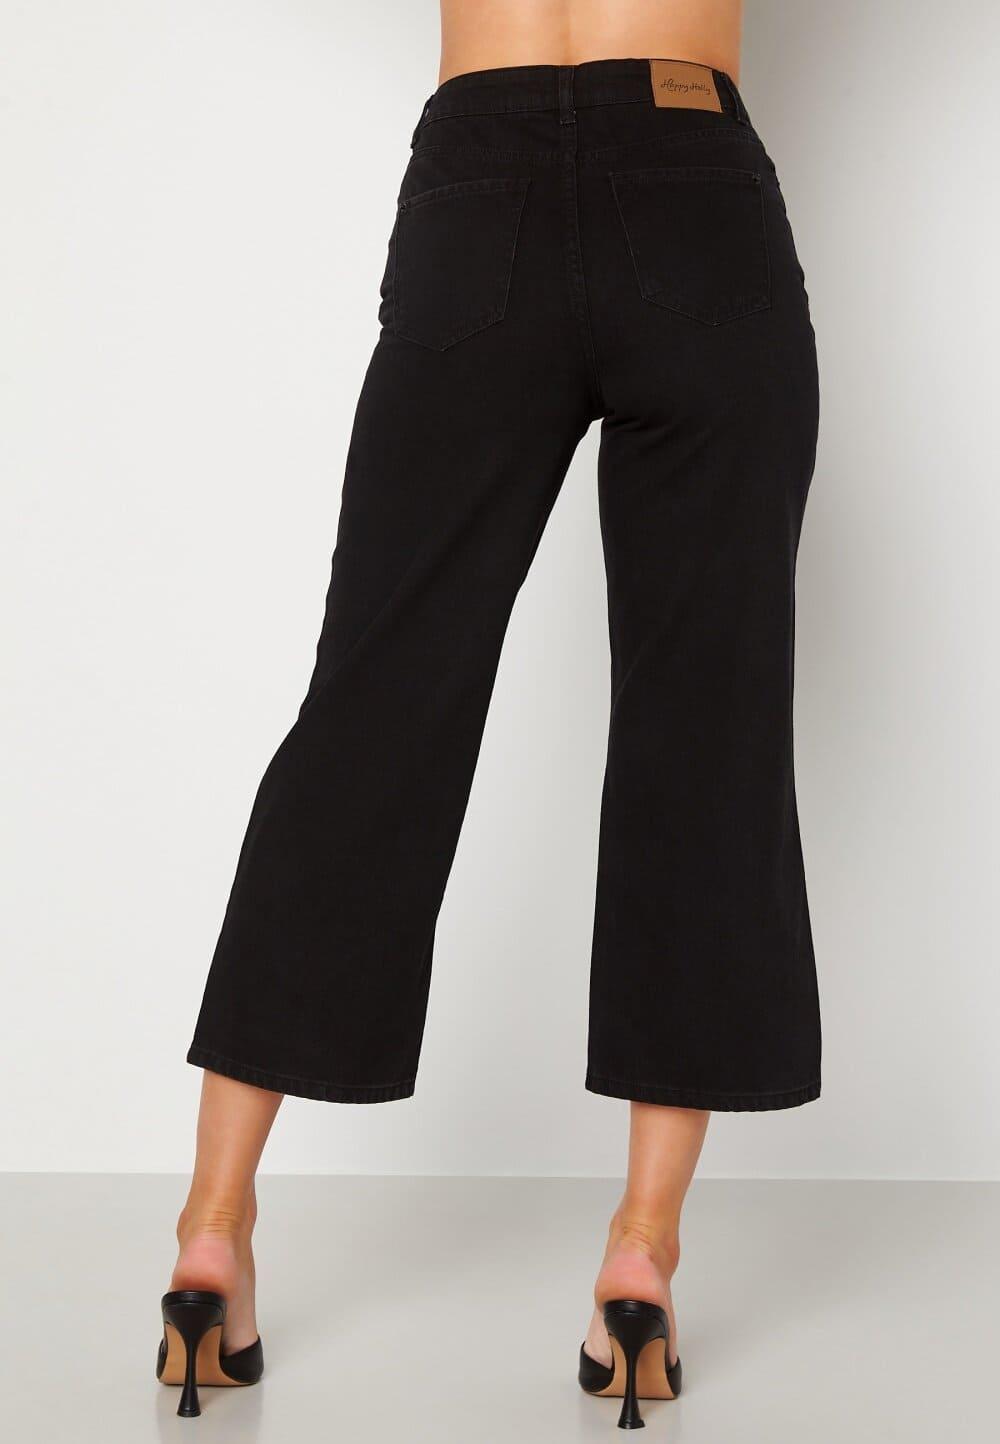 Vida svarta jeans med kort ben